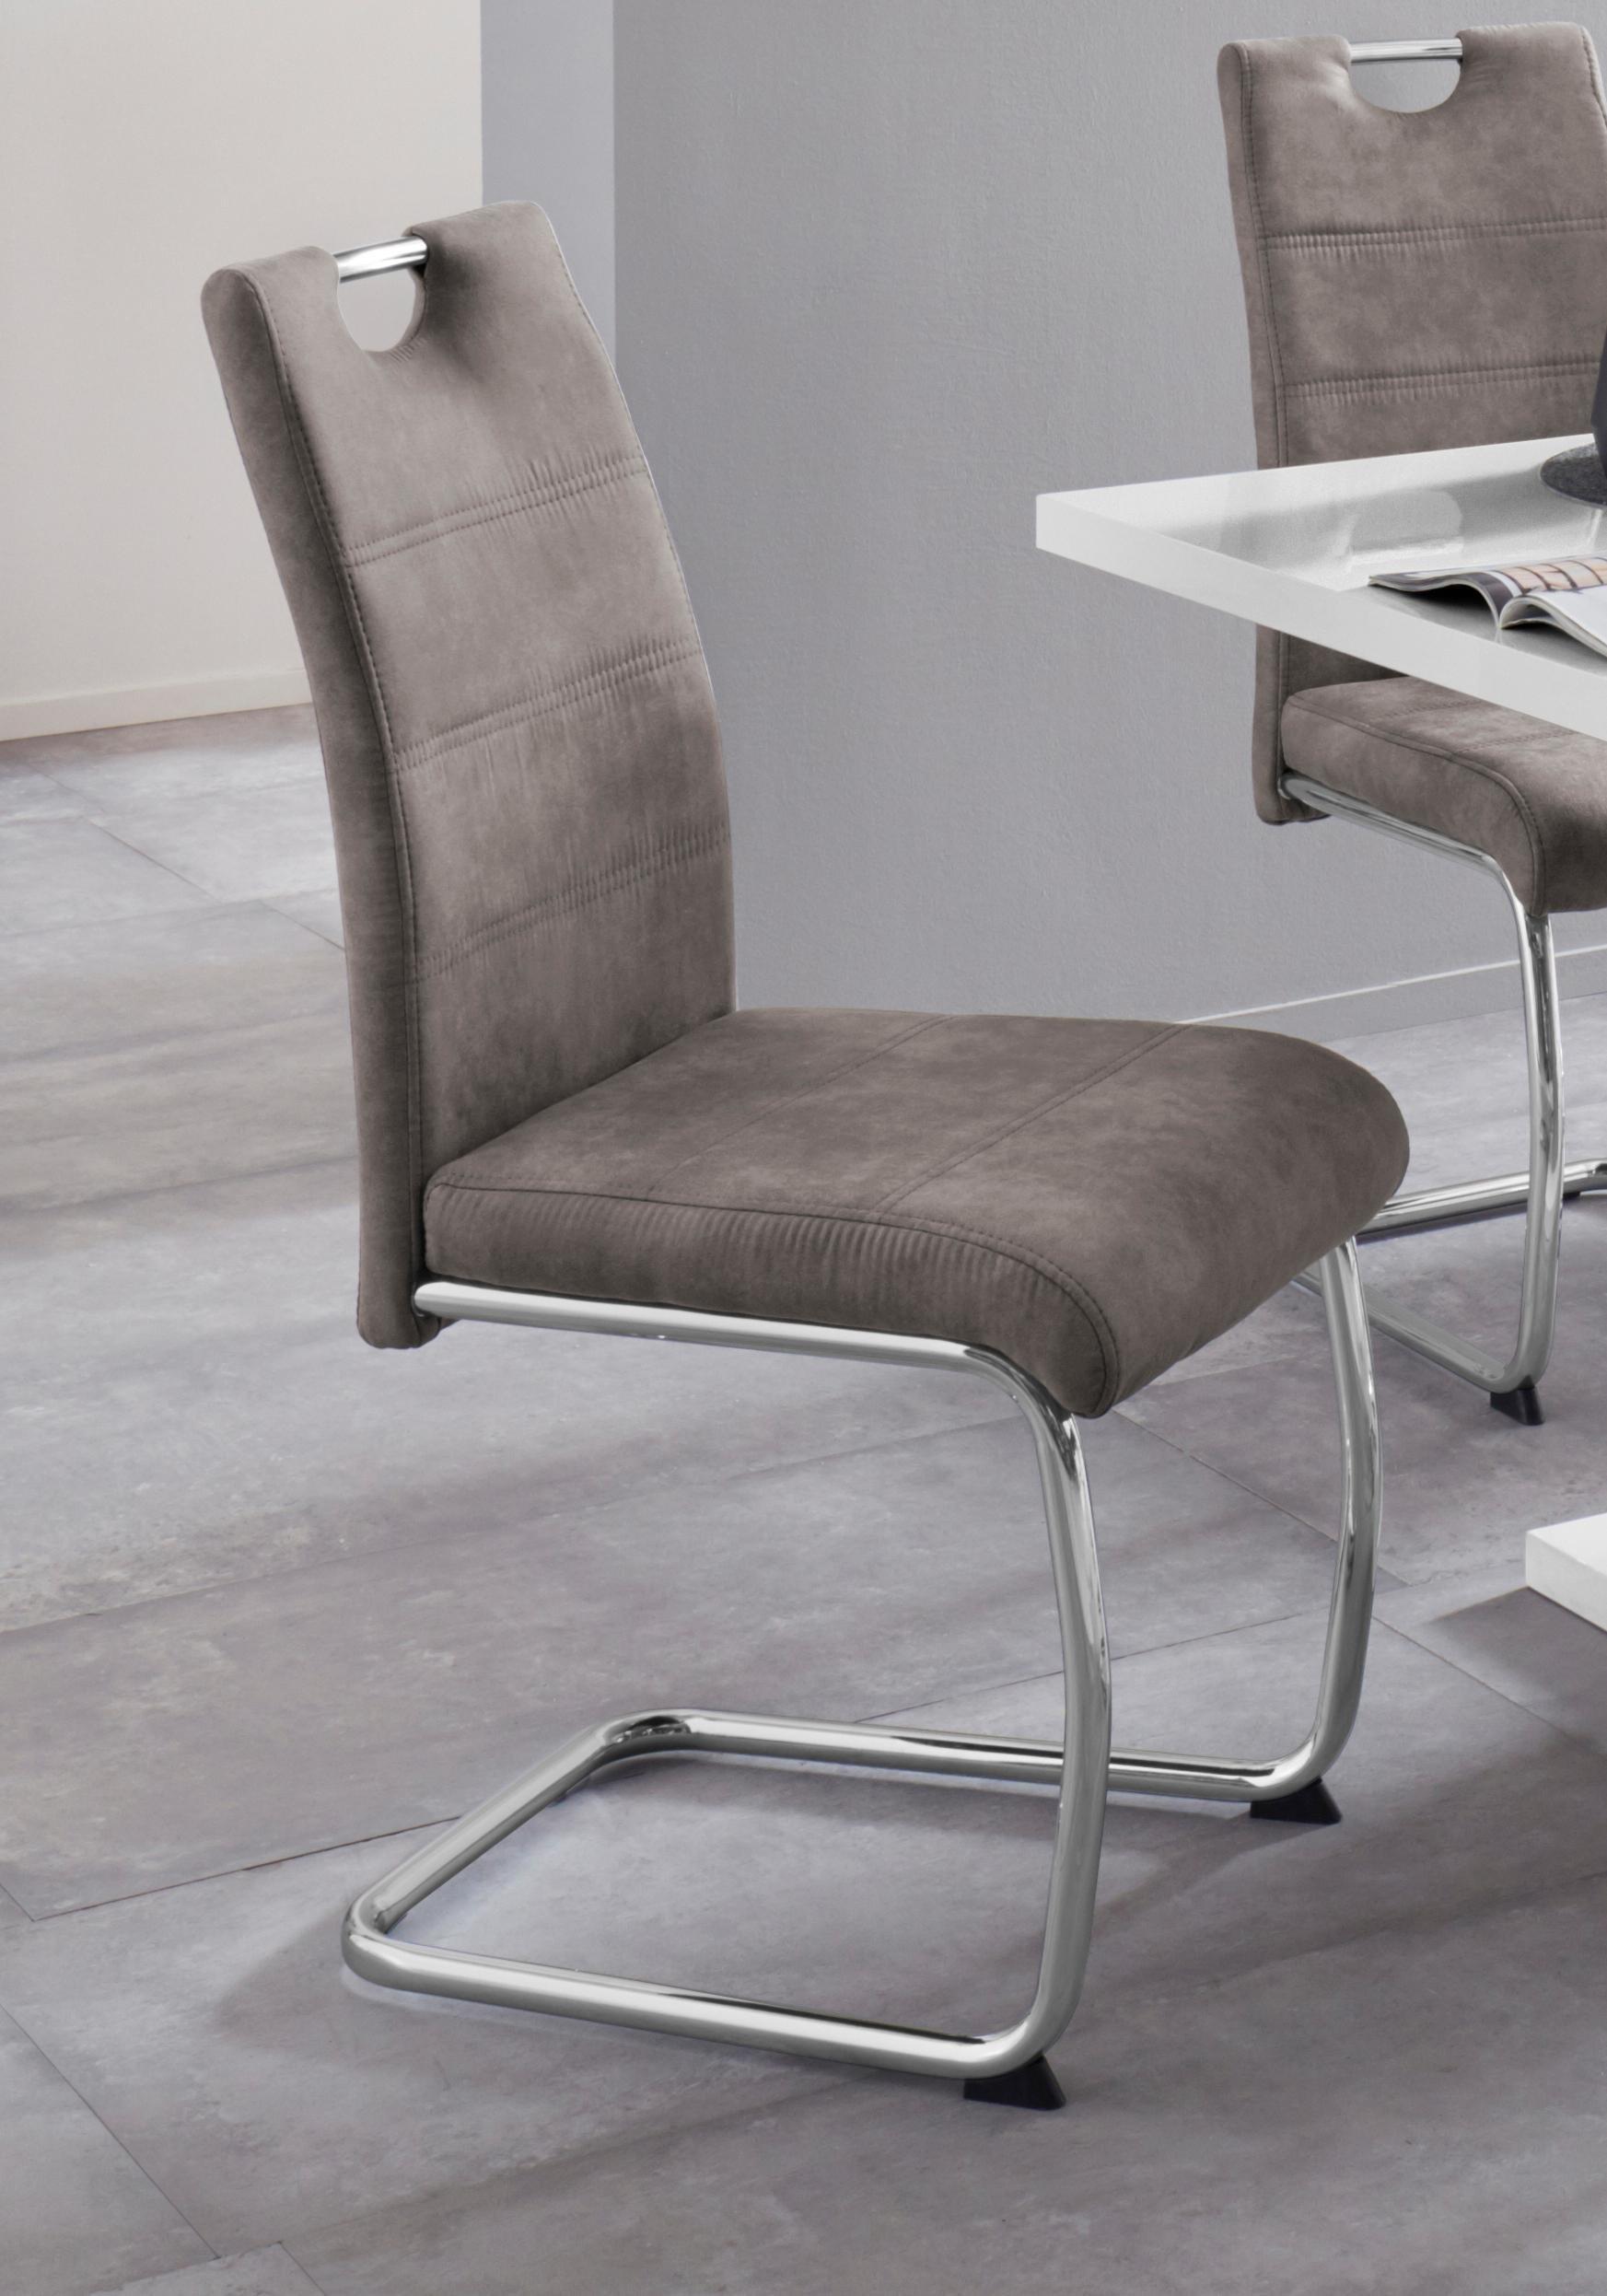 Hela Vrijdragende stoel »FLORA 2 S« (set 2 of van 4) veilig op otto.nl kopen